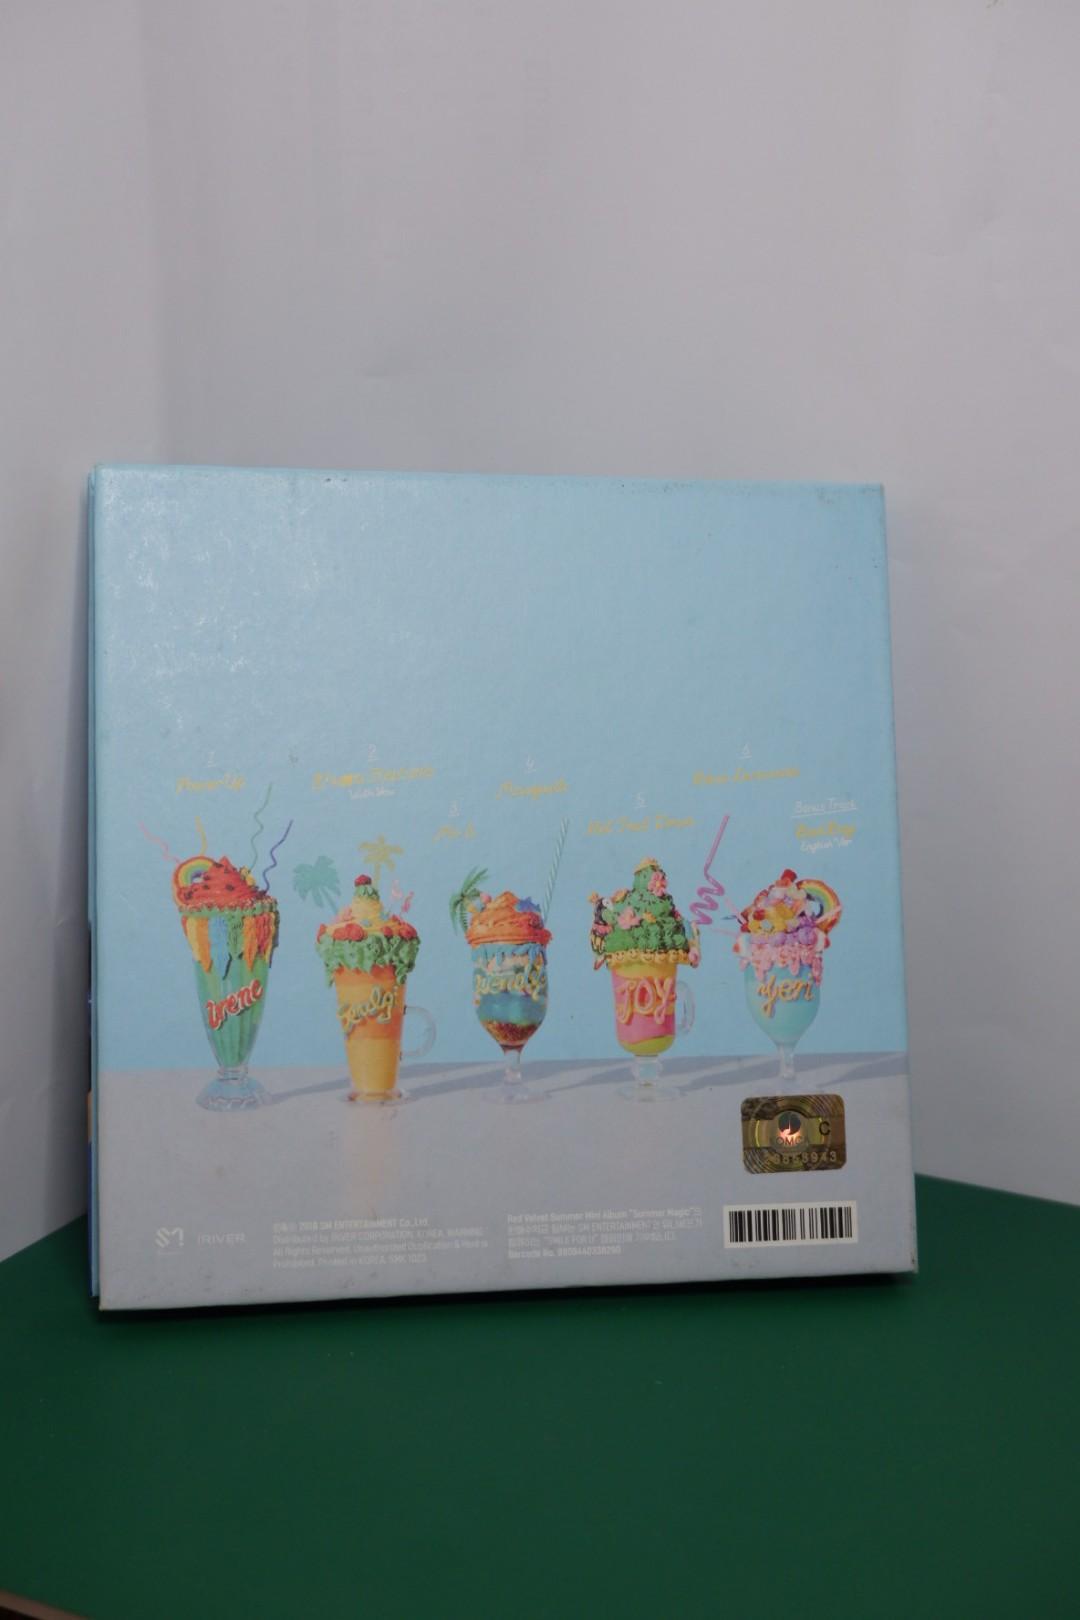 RED VELVET 'SUMMER MAGIC' NORMAL EDITION (ALBUM ONLY)